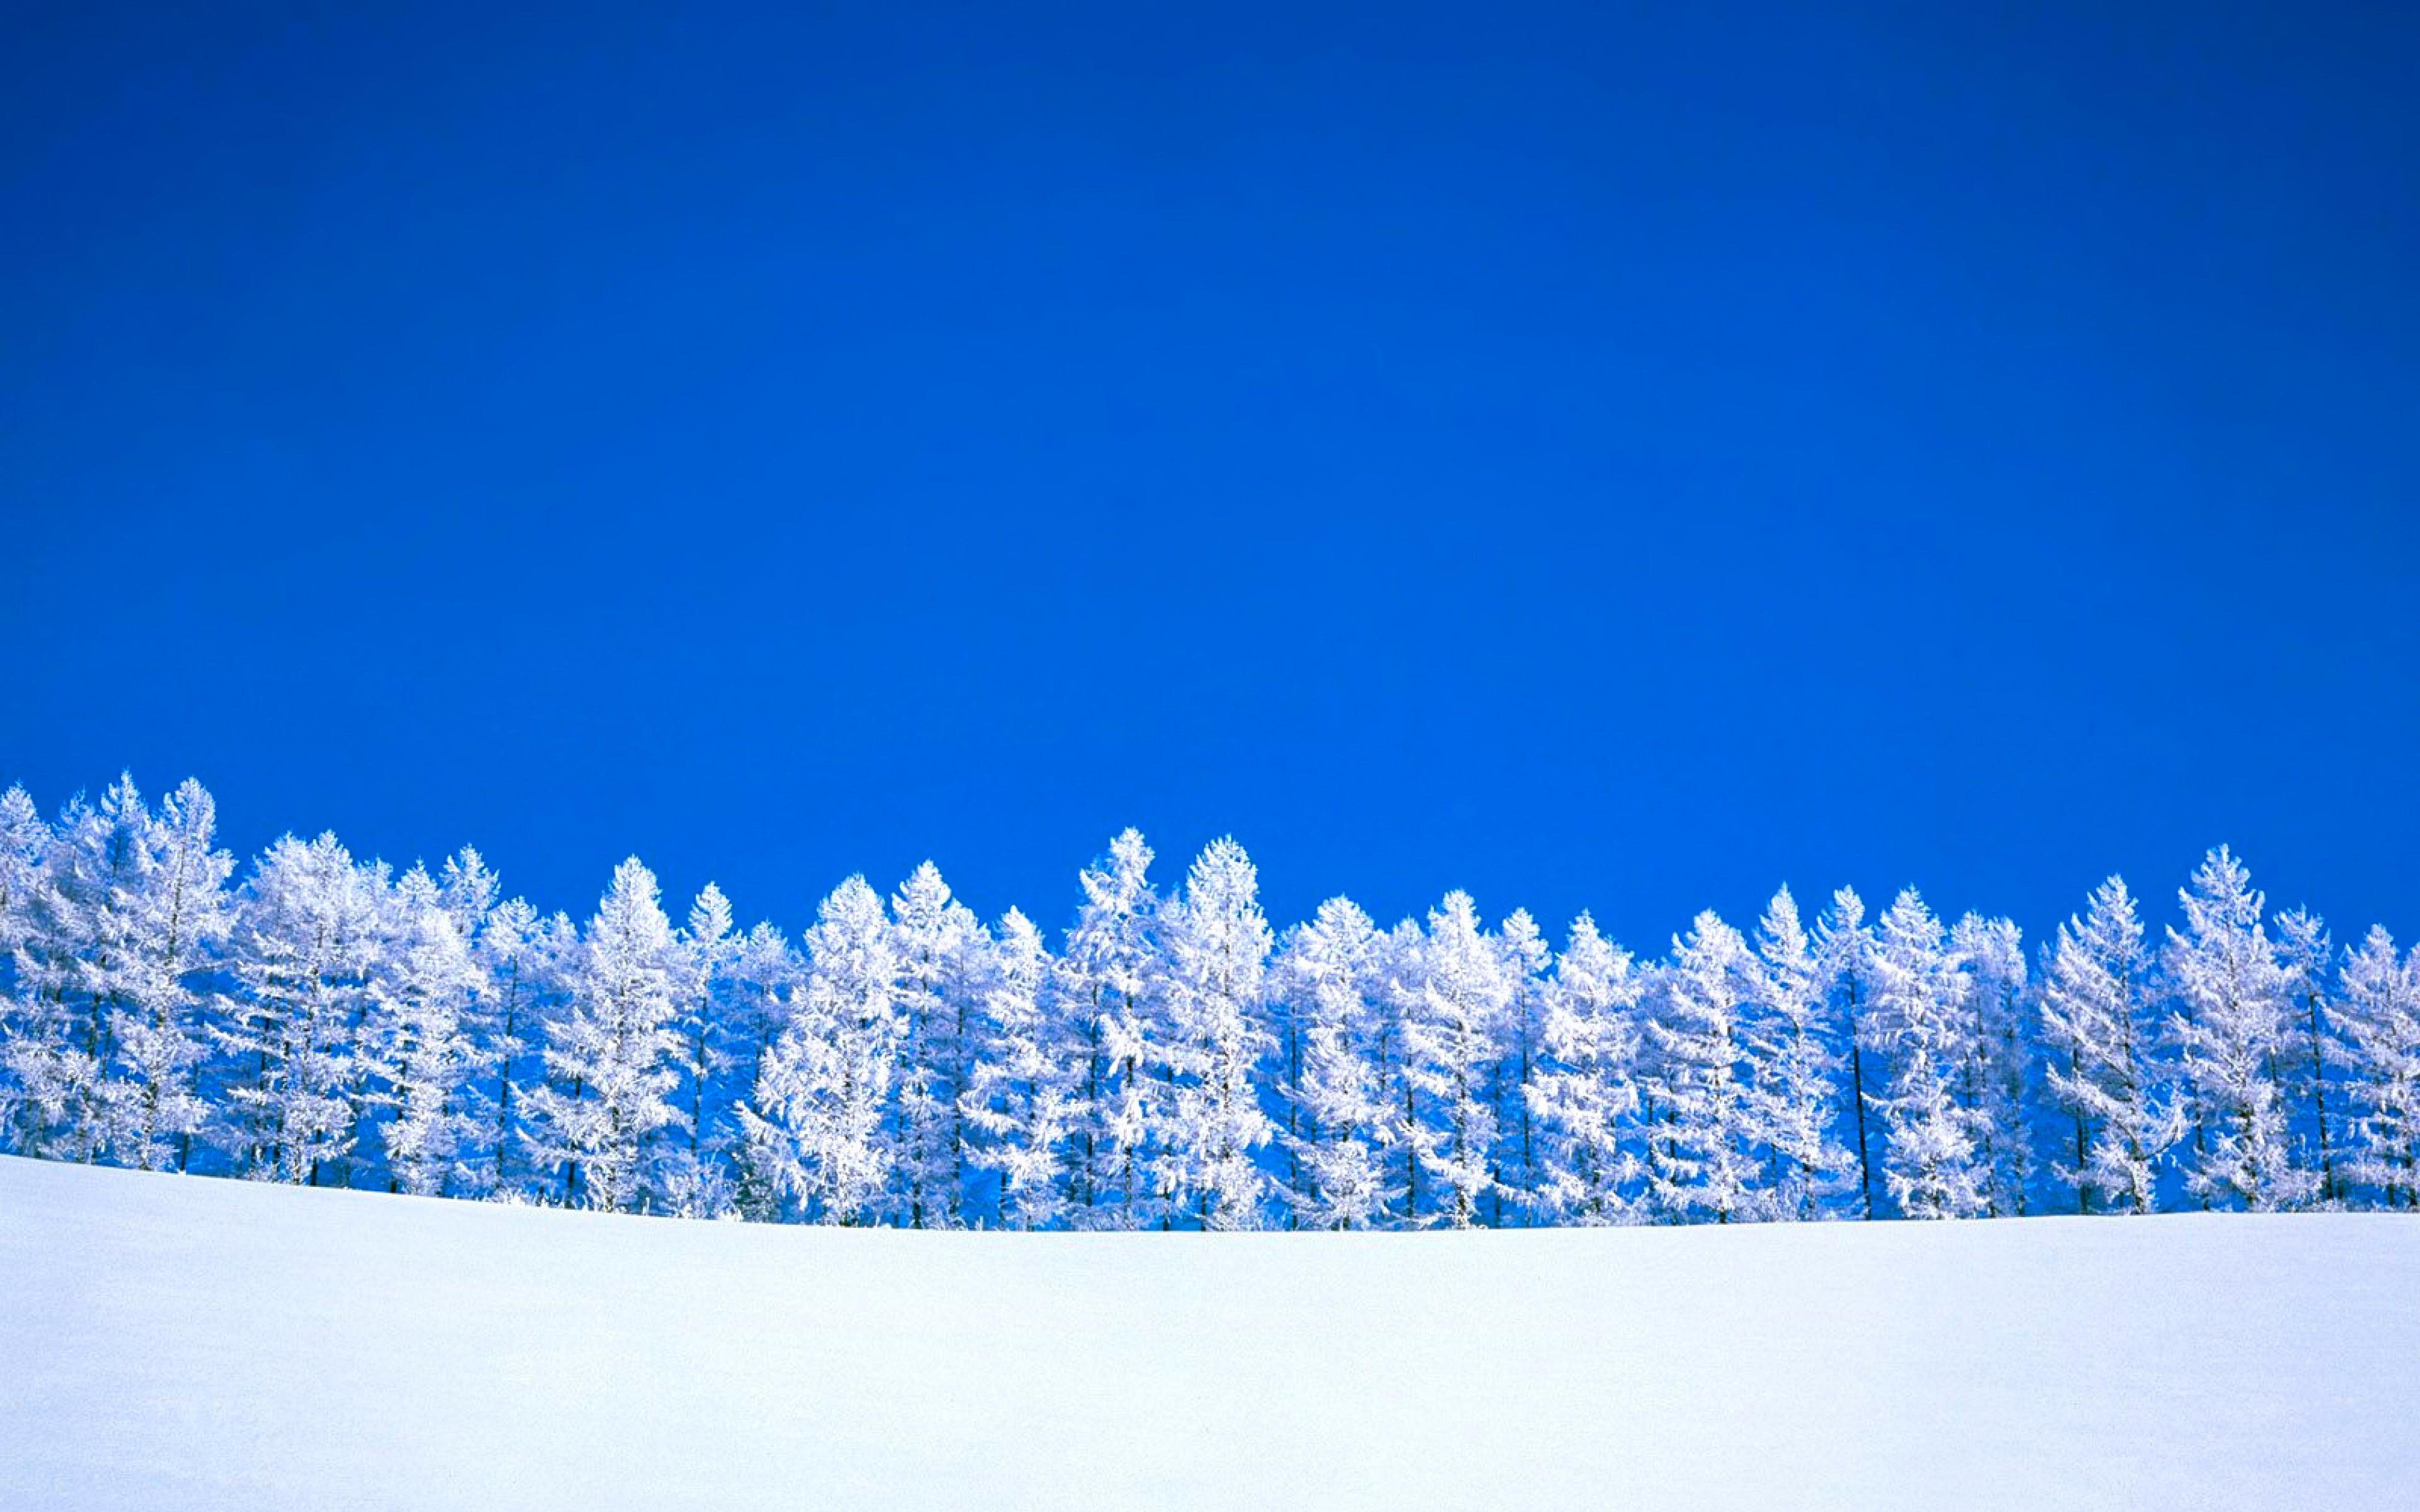 безоблачное небо зимой  № 2469705 бесплатно